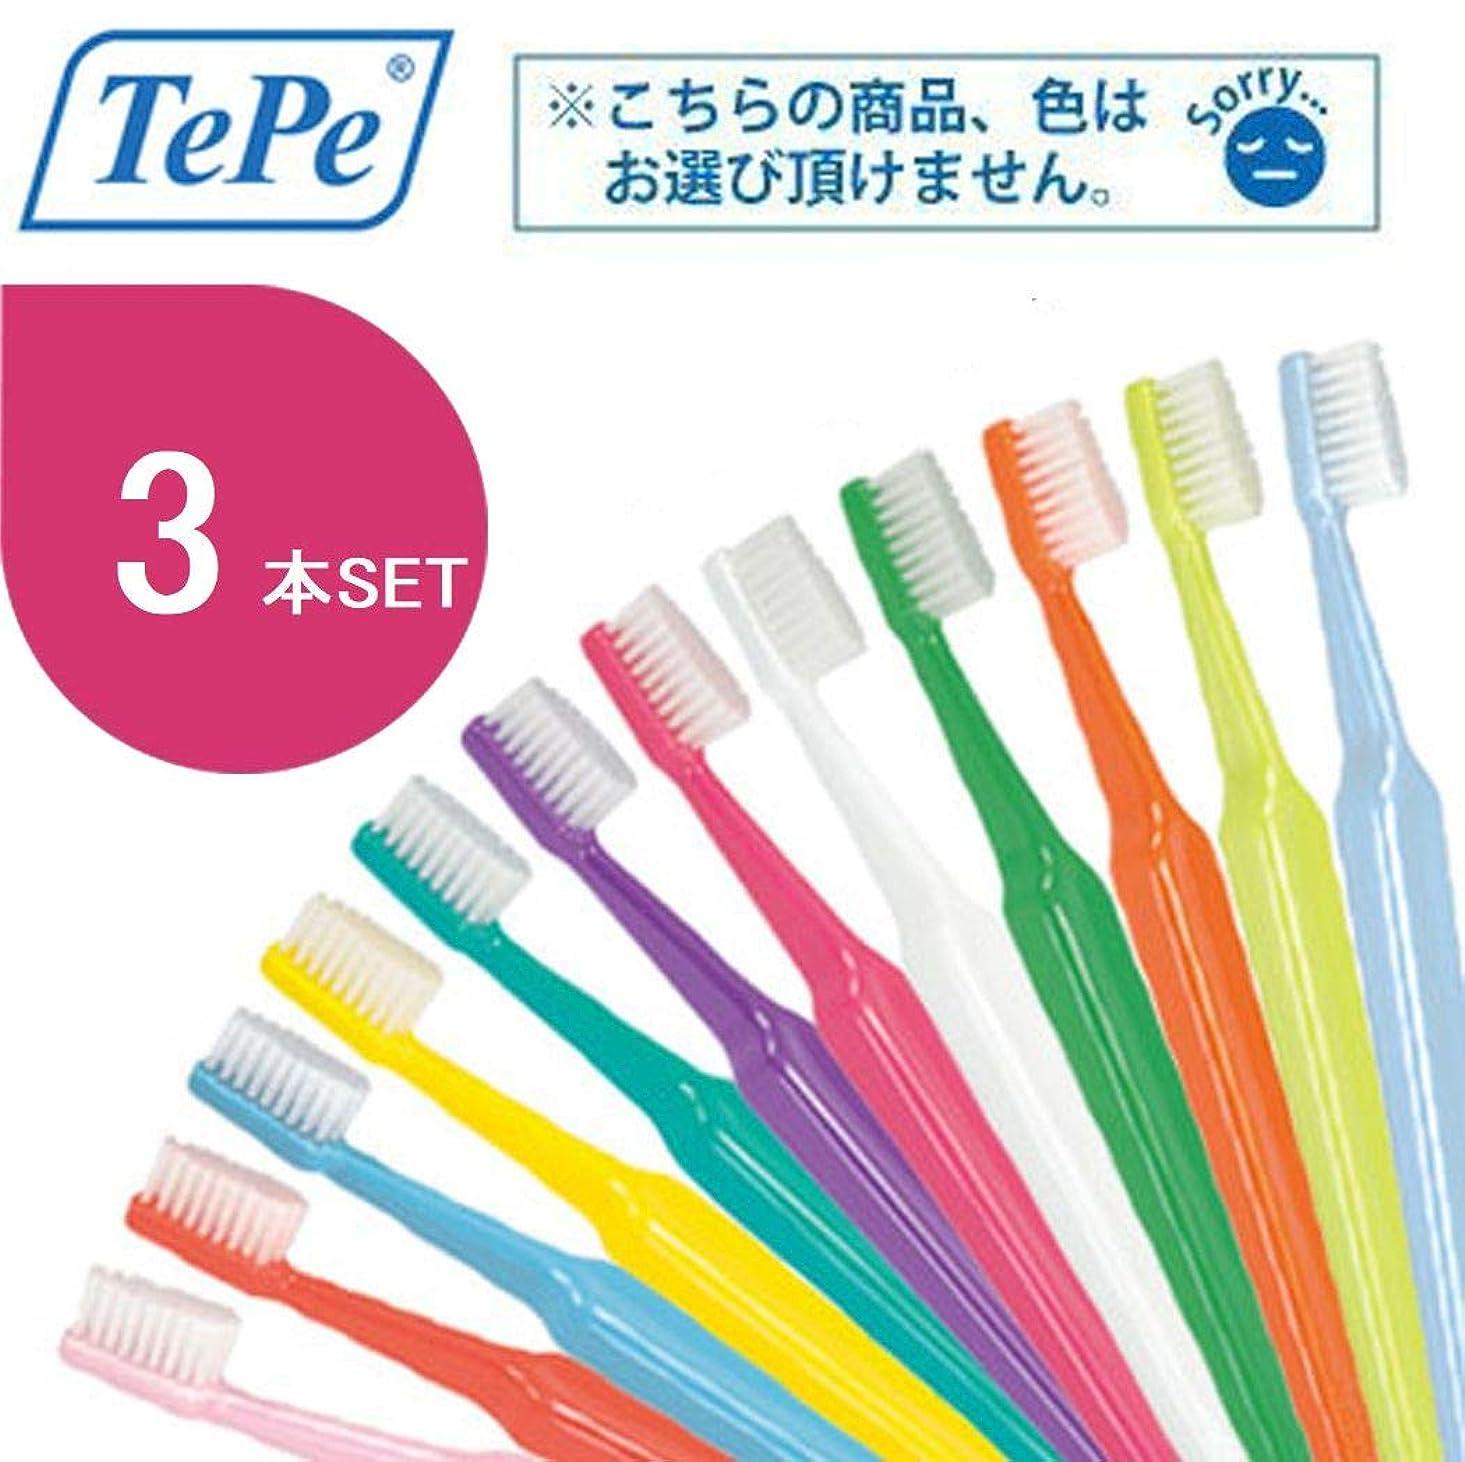 言語習慣凝視クロスフィールド TePe テペ セレクト 歯ブラシ 3本 (エクストラソフト)